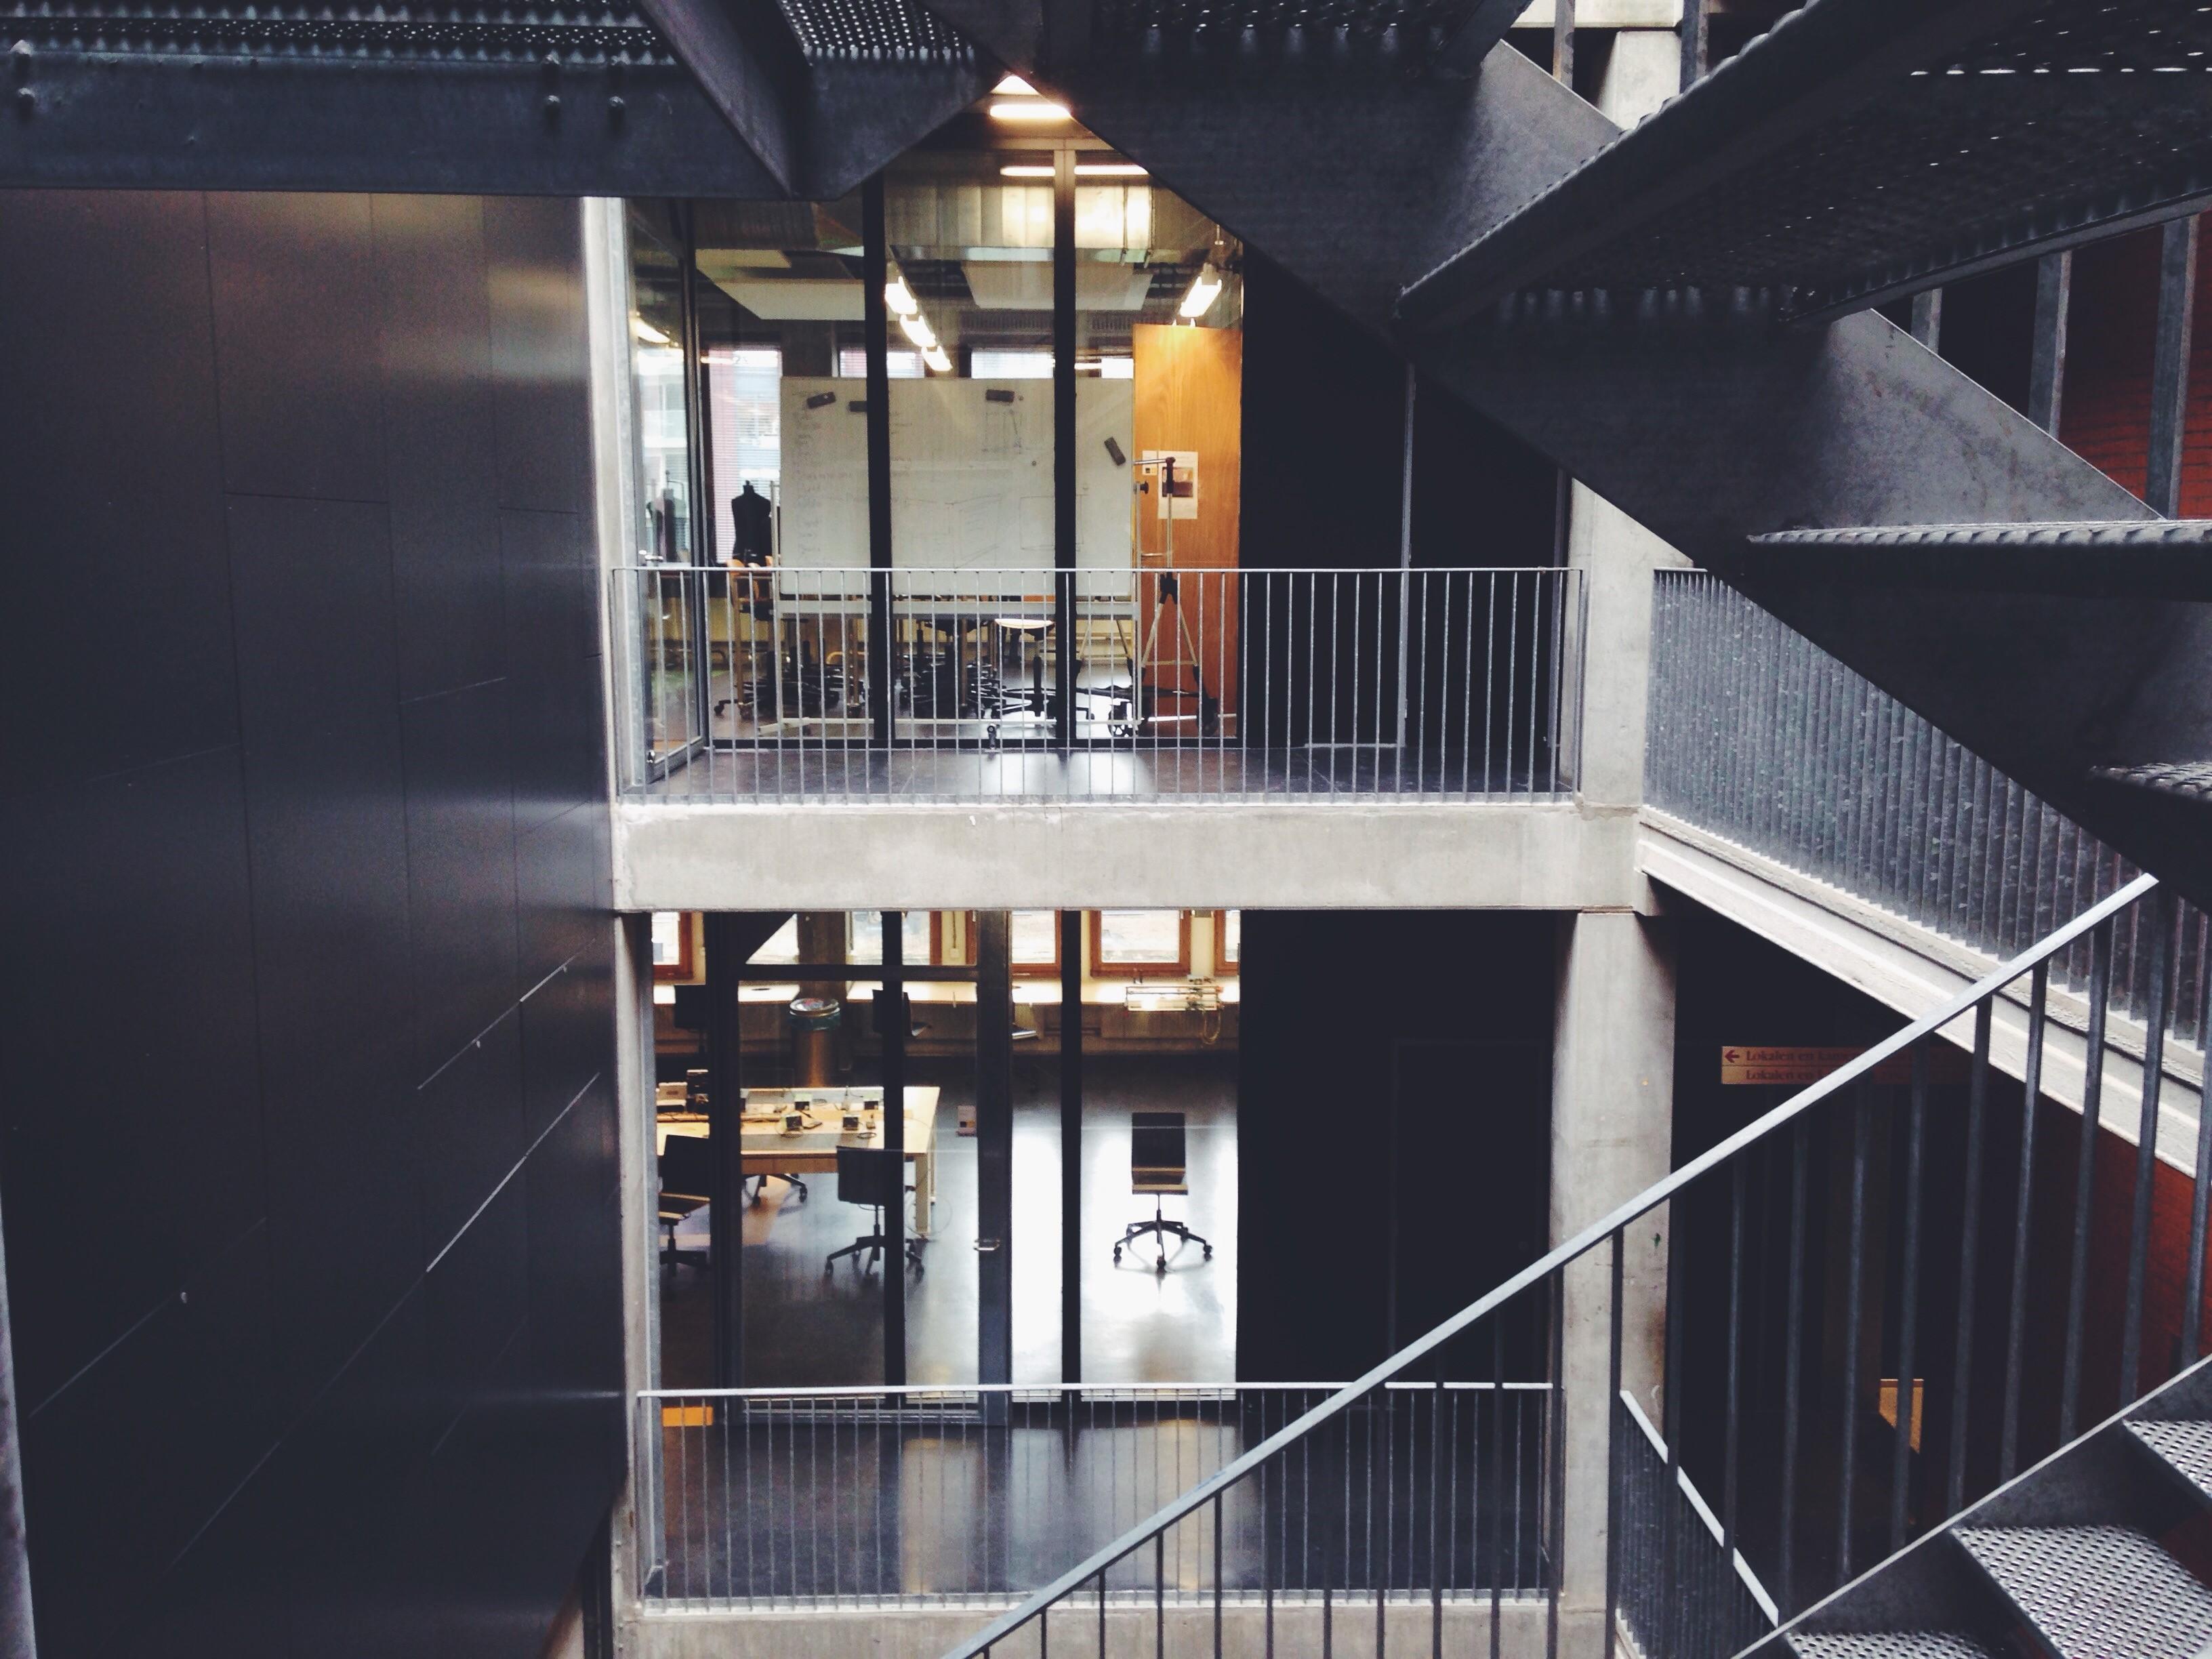 Willem de Kooning University, Rotterdam